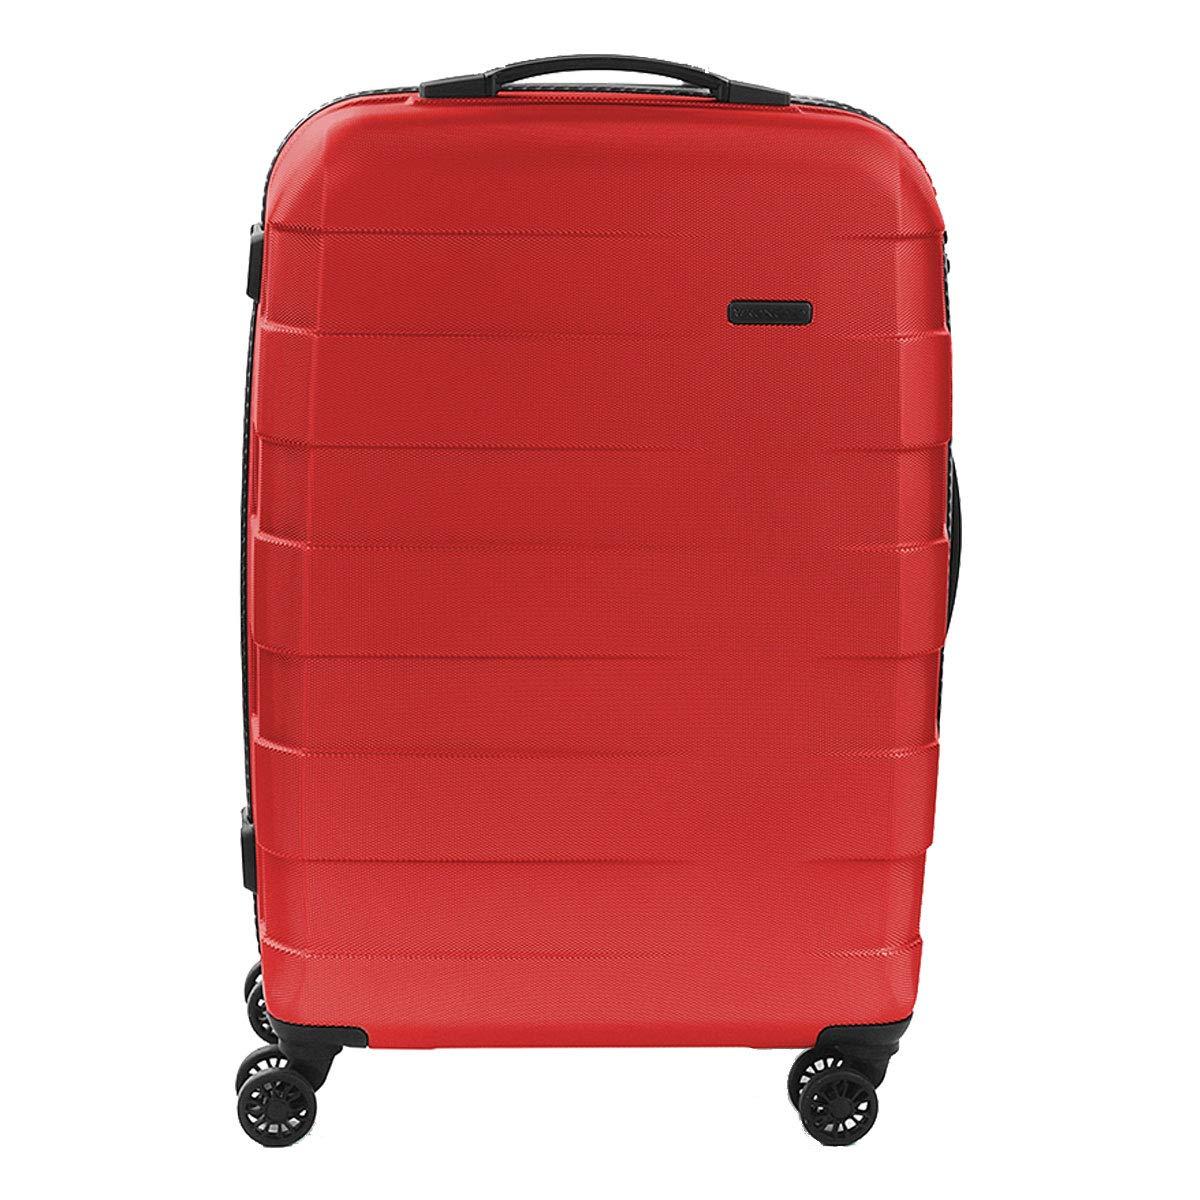 [ロンカート] スーツケース RV18 97L 68cm 3.6kg 5801 B07KR9RVR1 【09】レッド